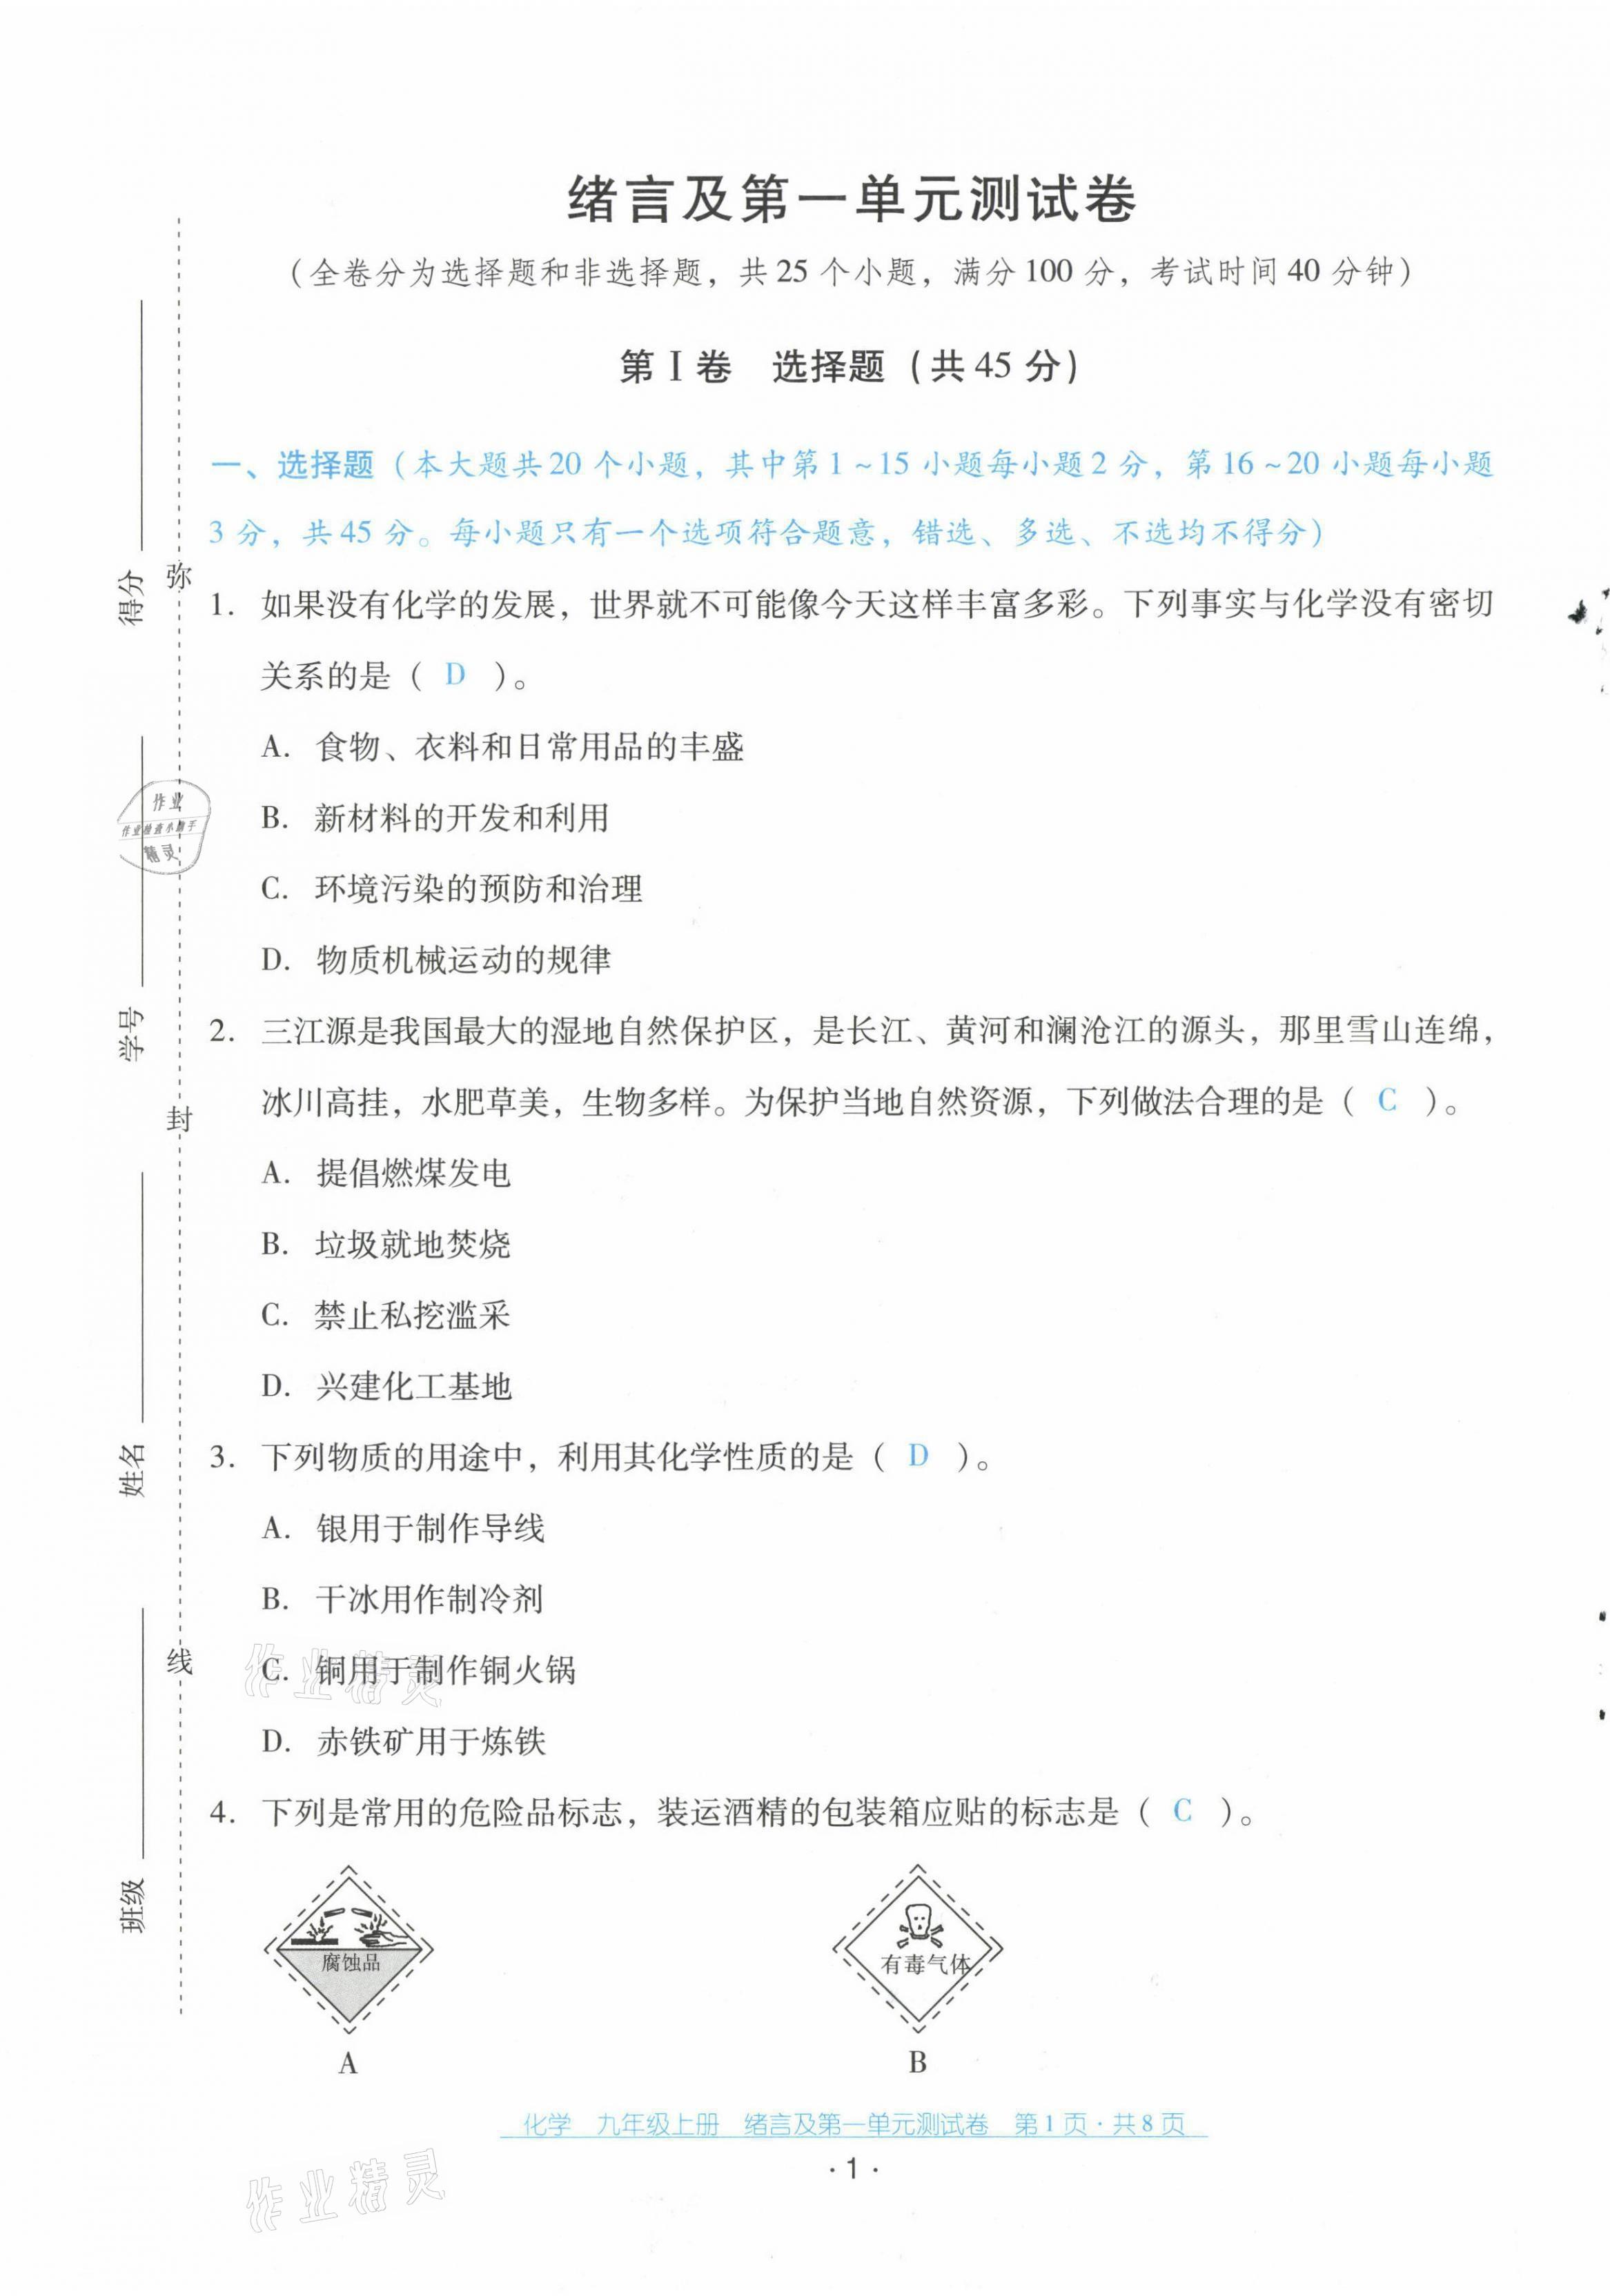 2021年云南省标准教辅优佳学案配套测试卷九年级化学上册人教版第1页